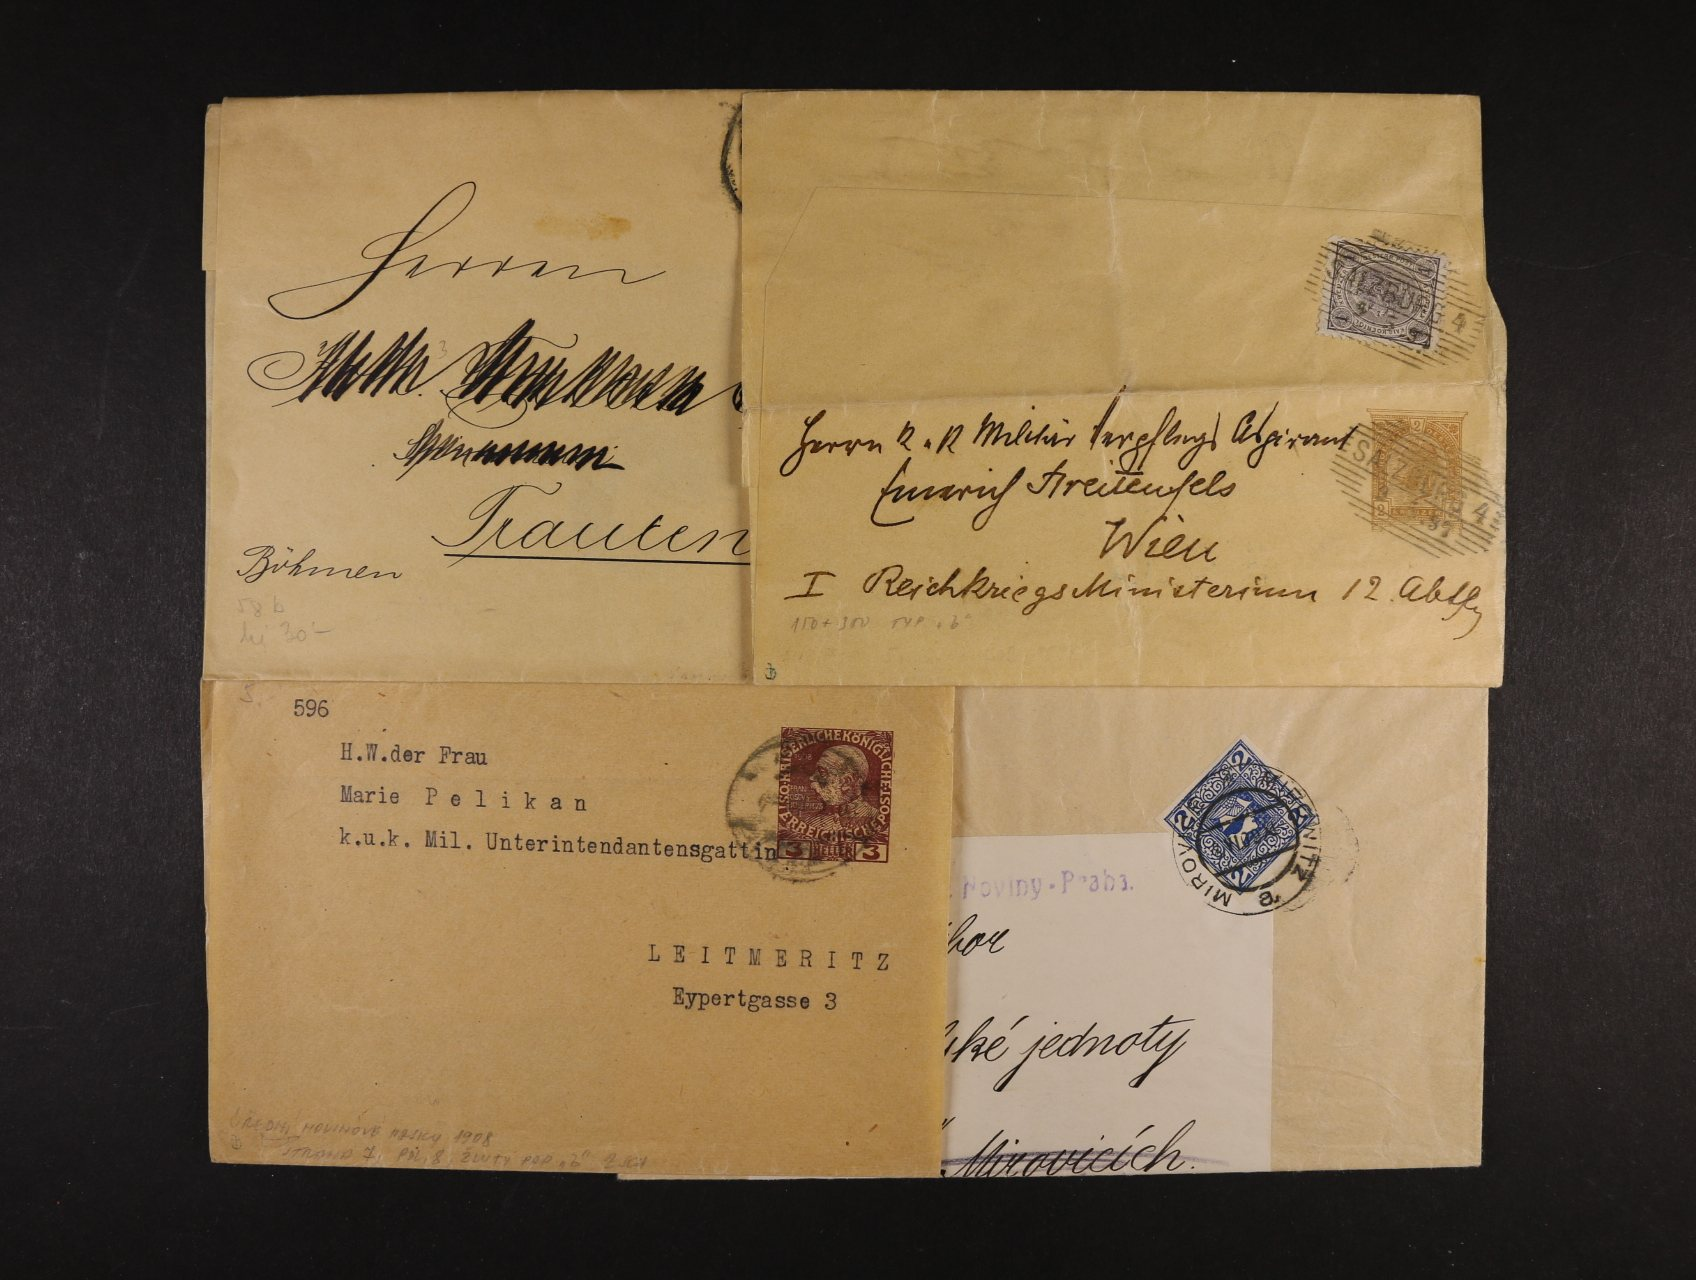 sestava 4 ks novinových rukávů z let 1897 - 1908, 3x s natištěnou zn., z toho 1x dofrank., 1x frank. zn. Mi. č. 157, zajímavé, k prohlédnutí